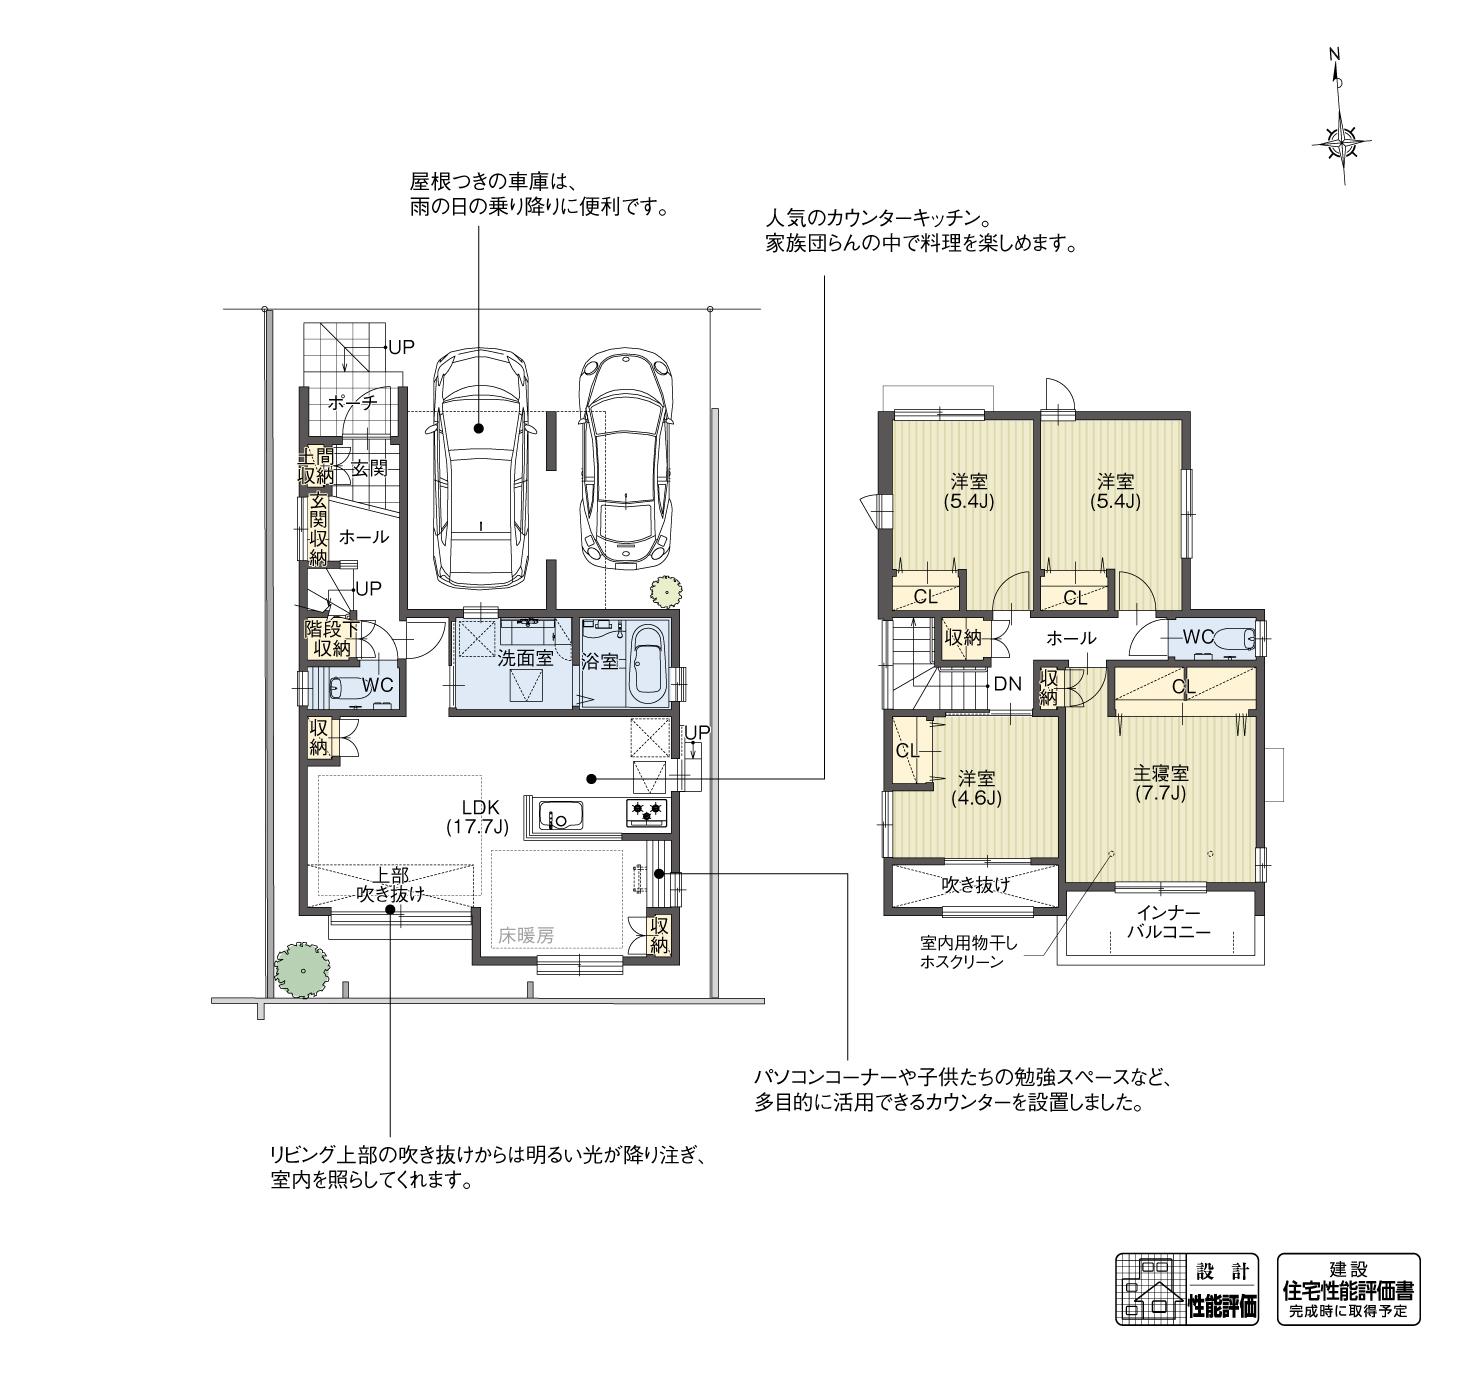 5_間取図_plan1_蟹江町須成藤丸